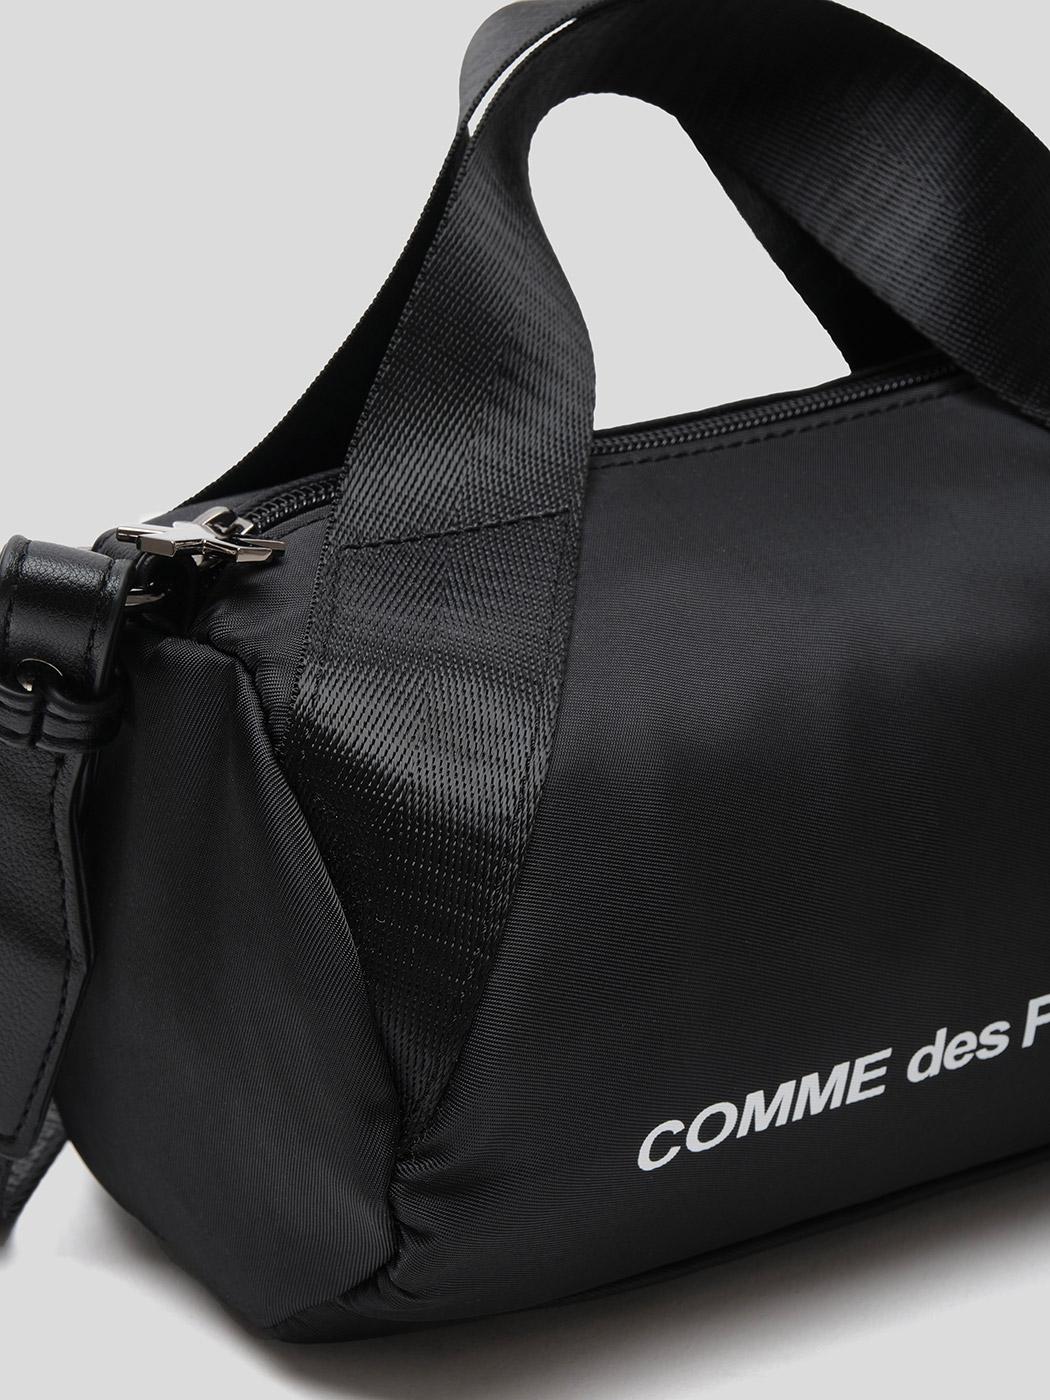 SHOULDER BAG - CDFA568 - COMME DES FKDOWN